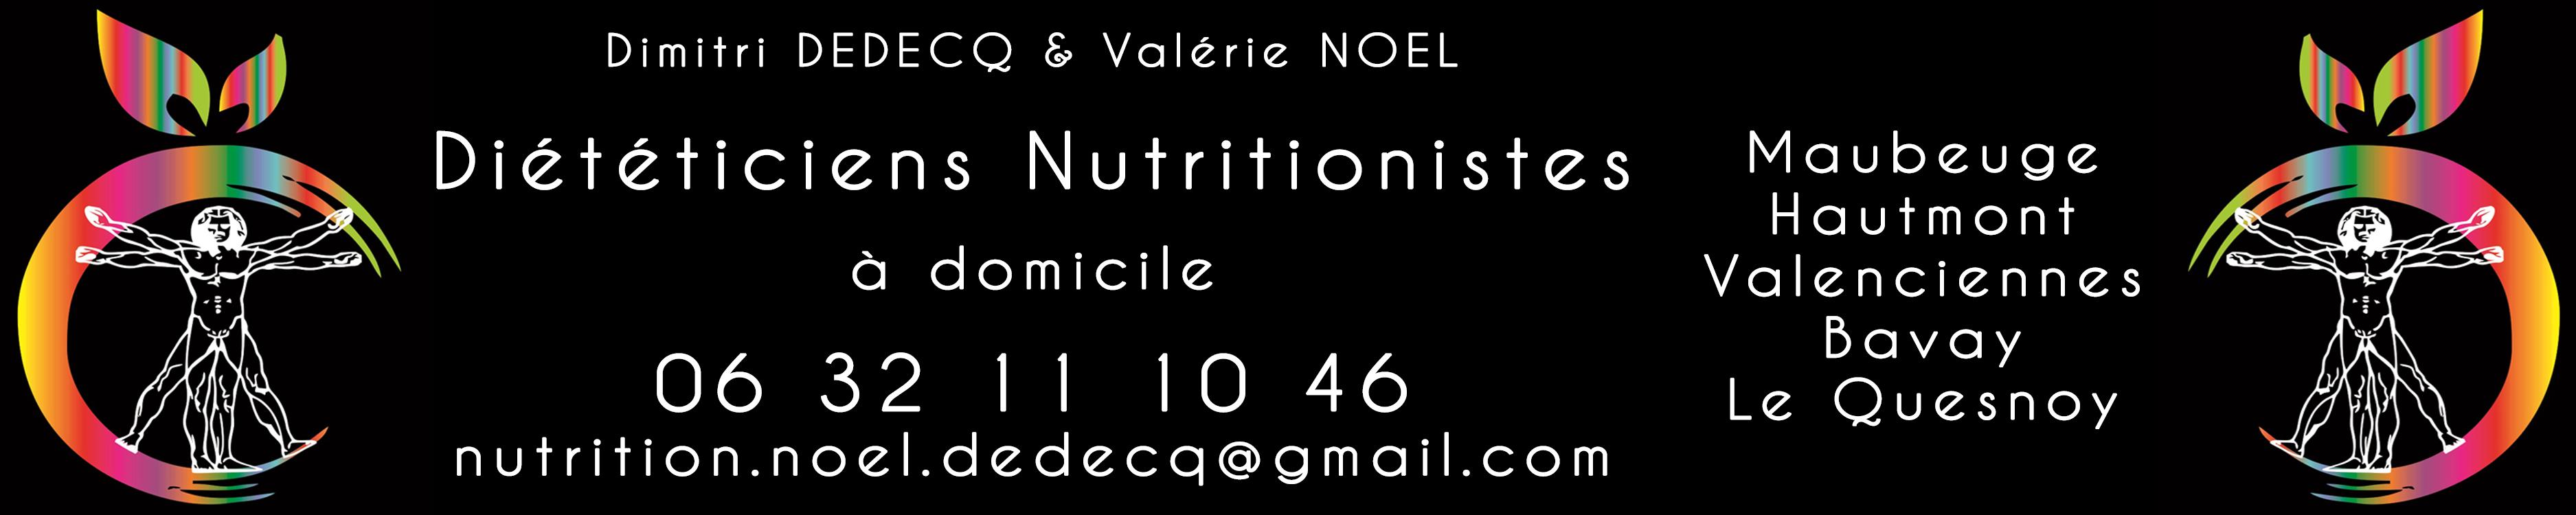 Diététicien Nutritionniste Maubeuge